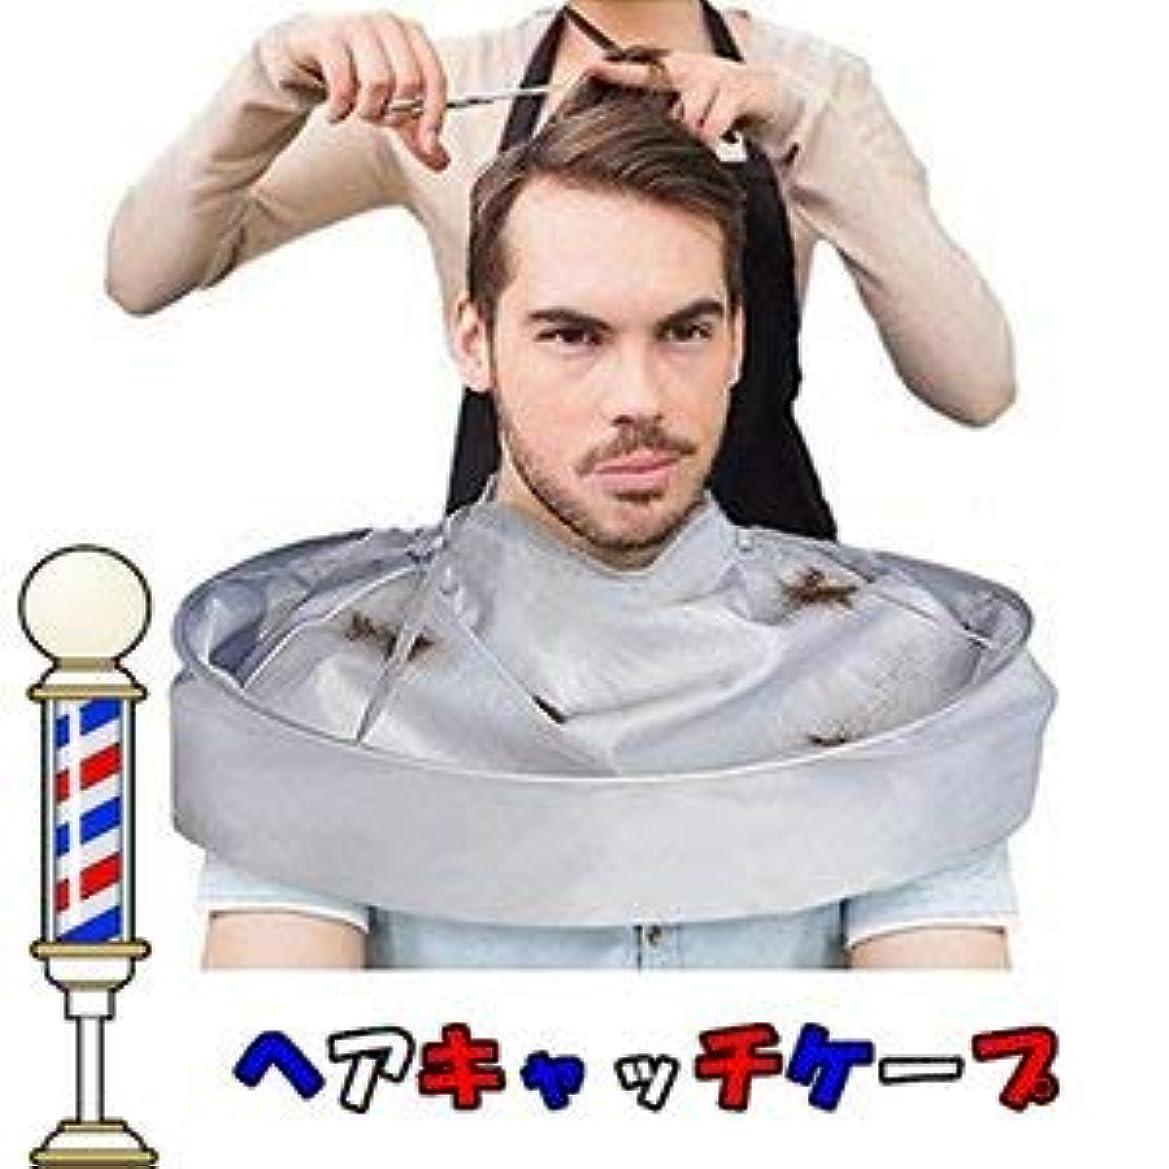 ホームレス蛾下線ヘア キャッチ ケープ エプロン 散髪マント ナイロン製 散髪道具